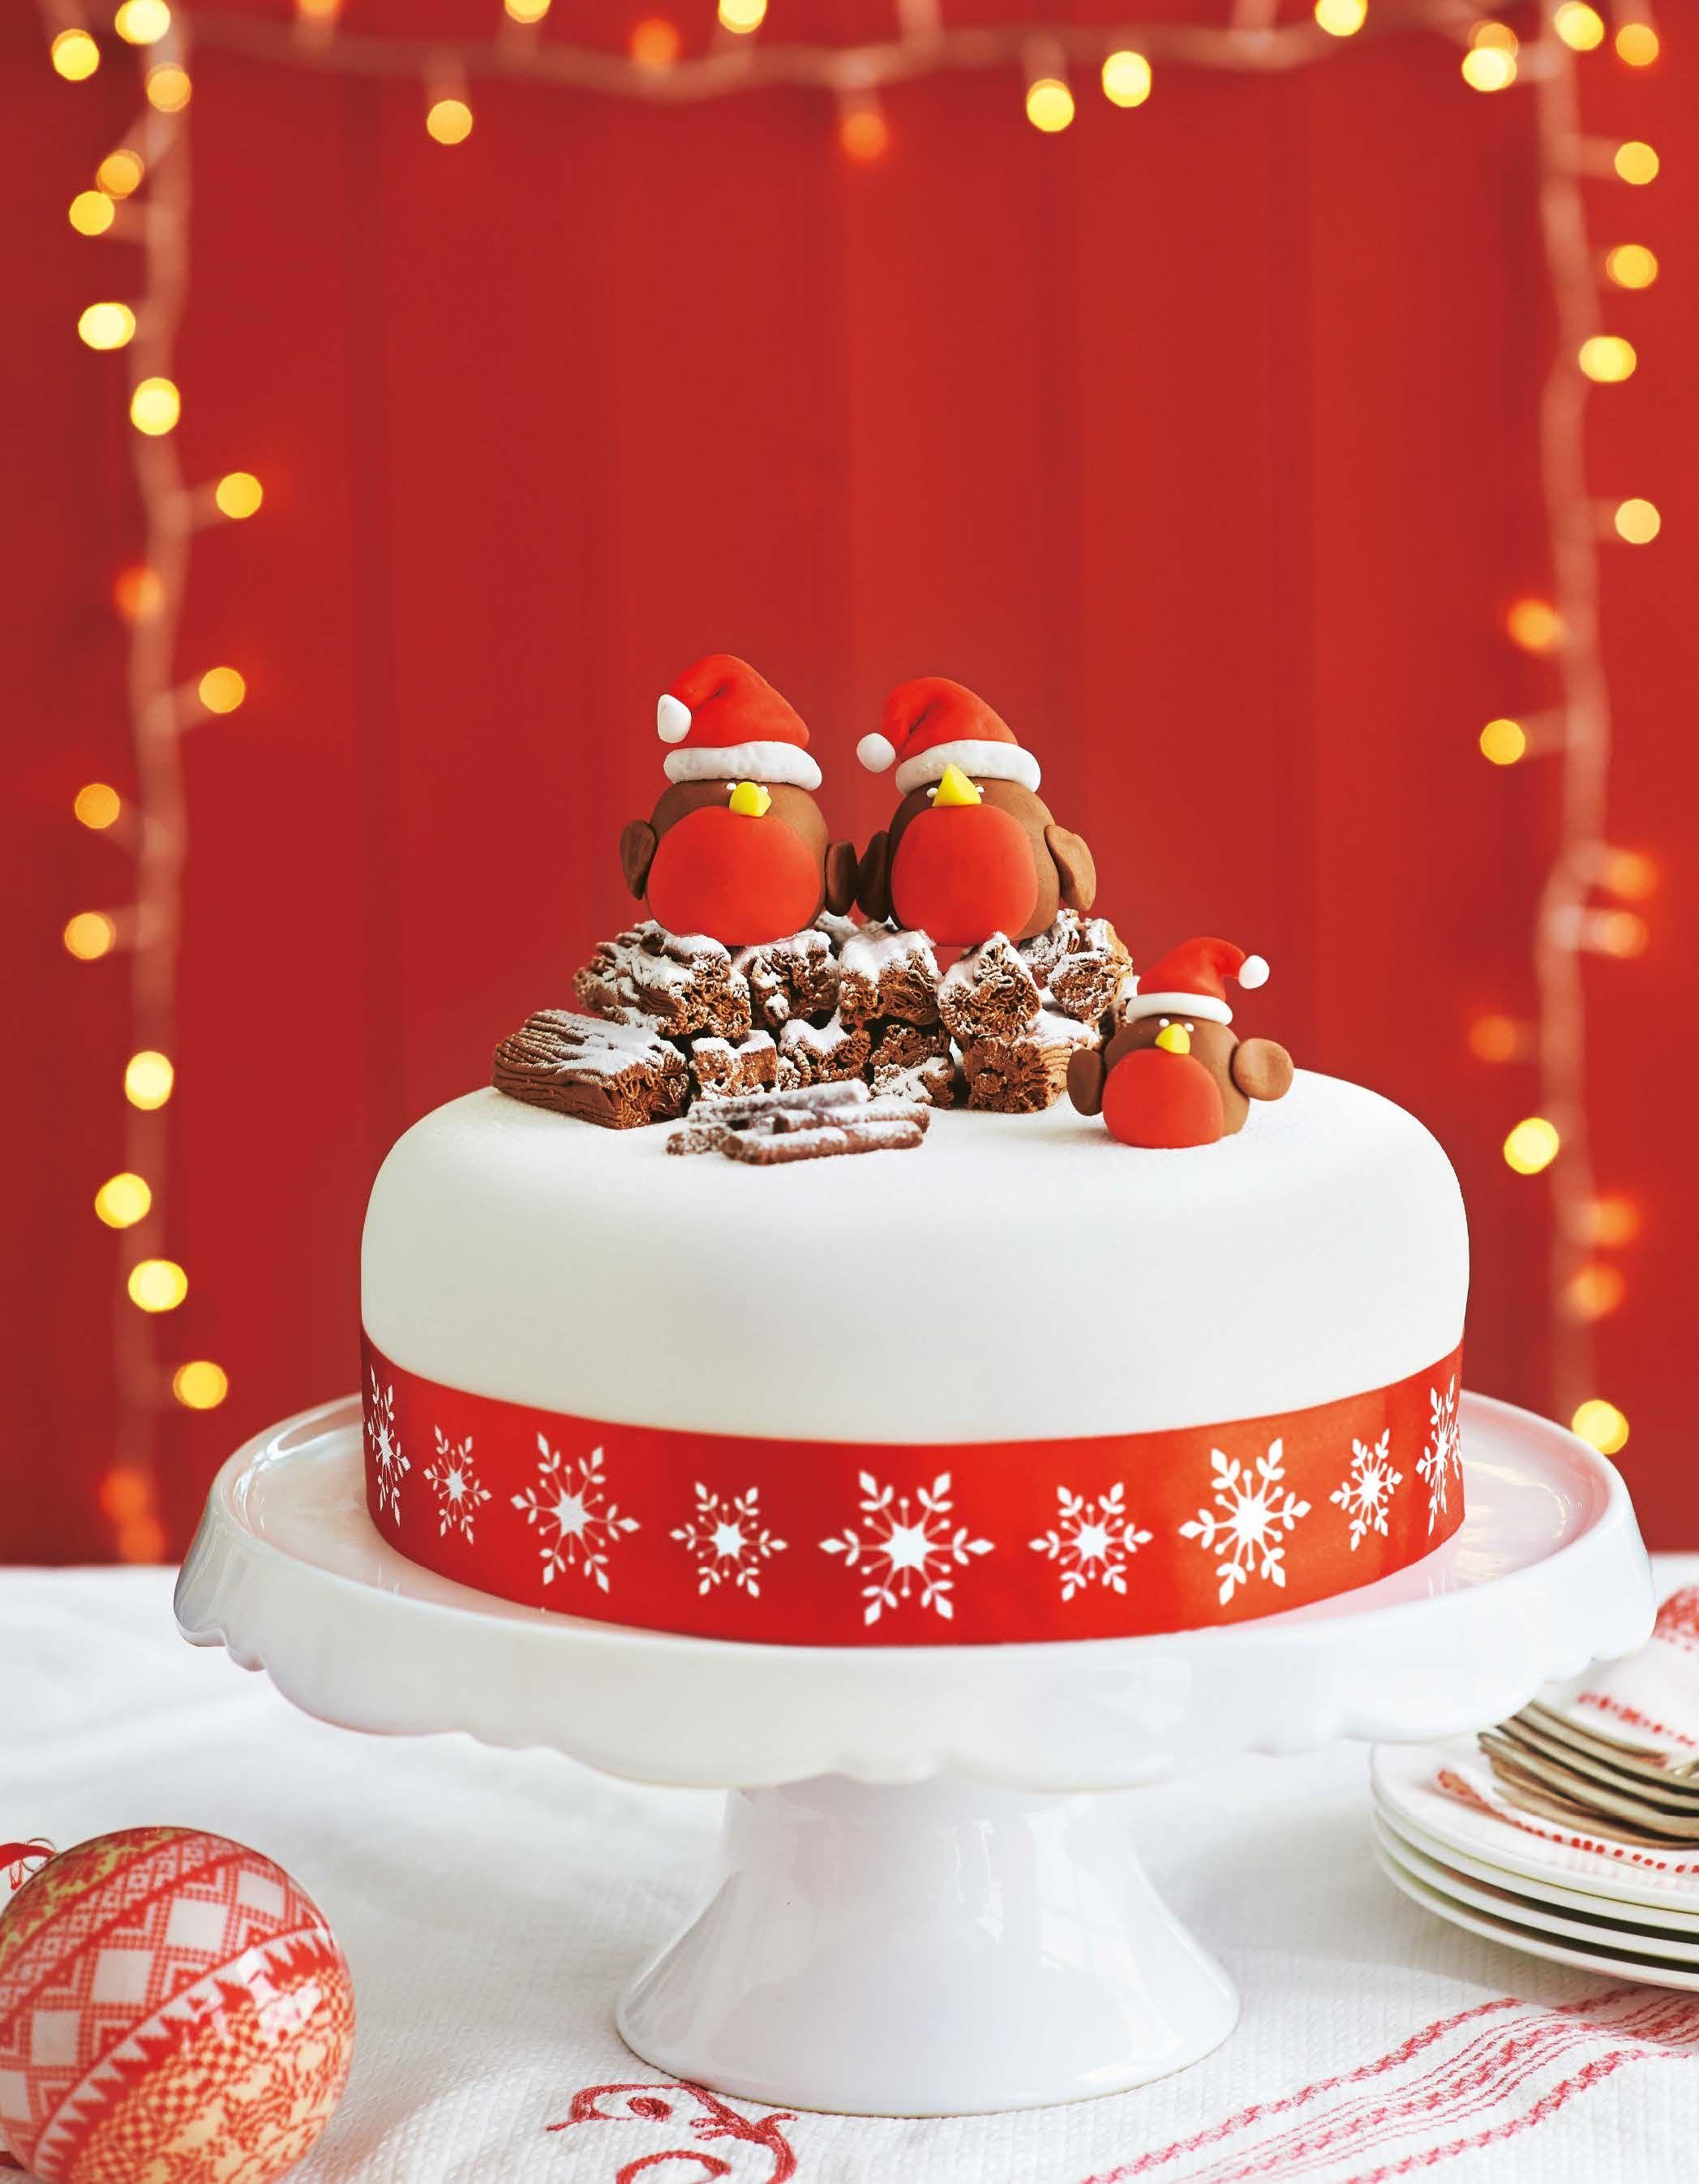 Asda Magazine - December 2013 Robins, Cake and Xmas